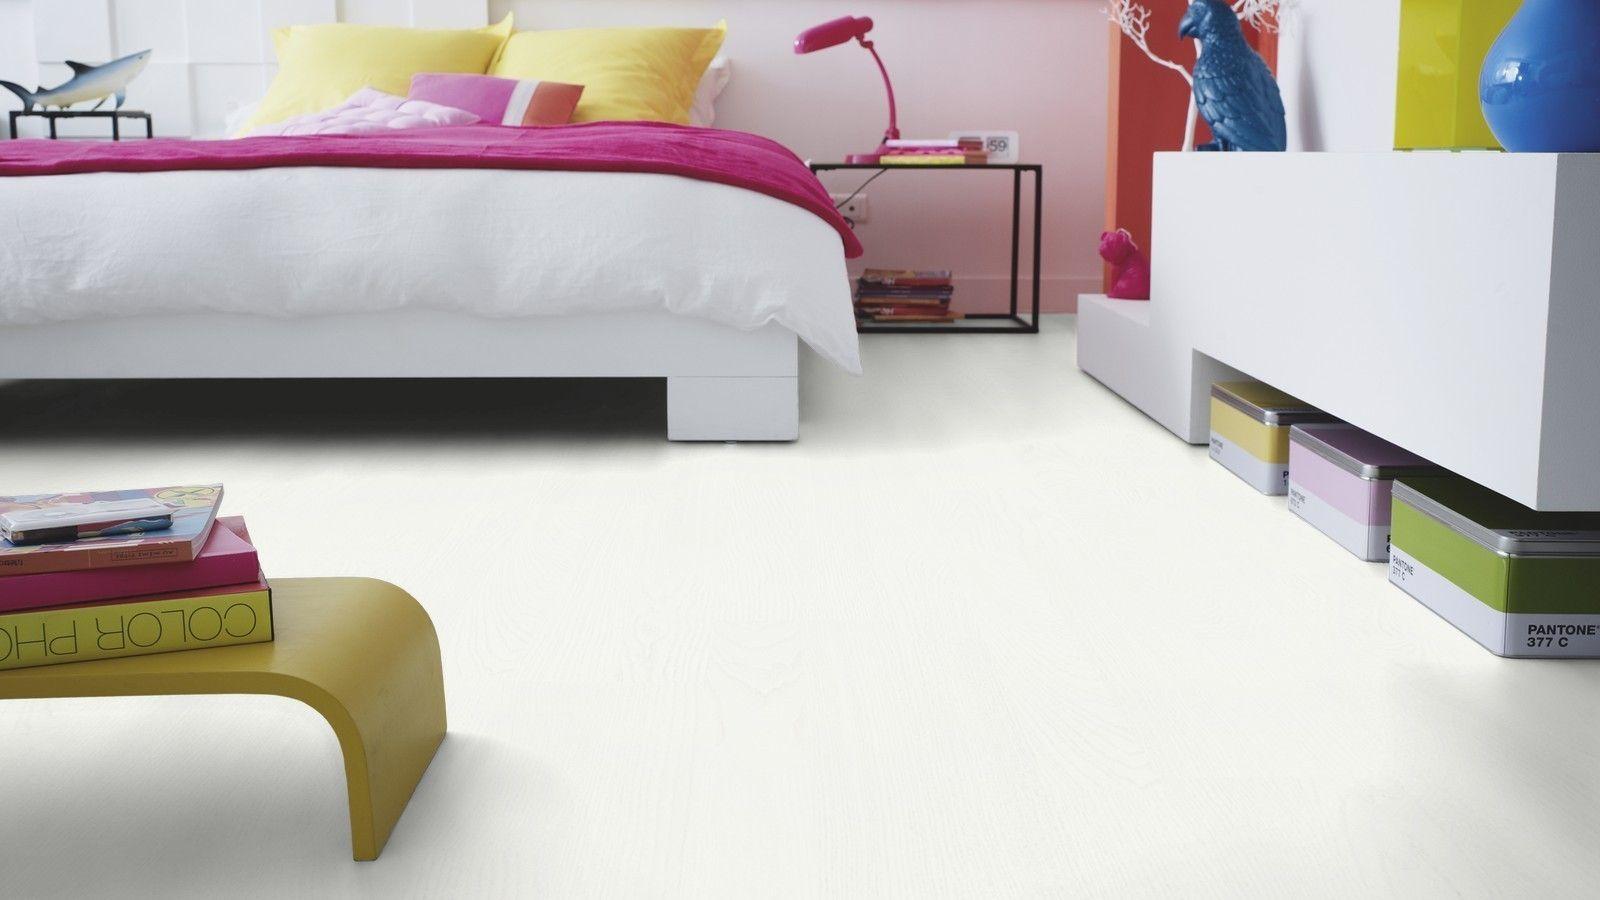 Bildergebnis für weisser fussboden vinyl design boden podlaha